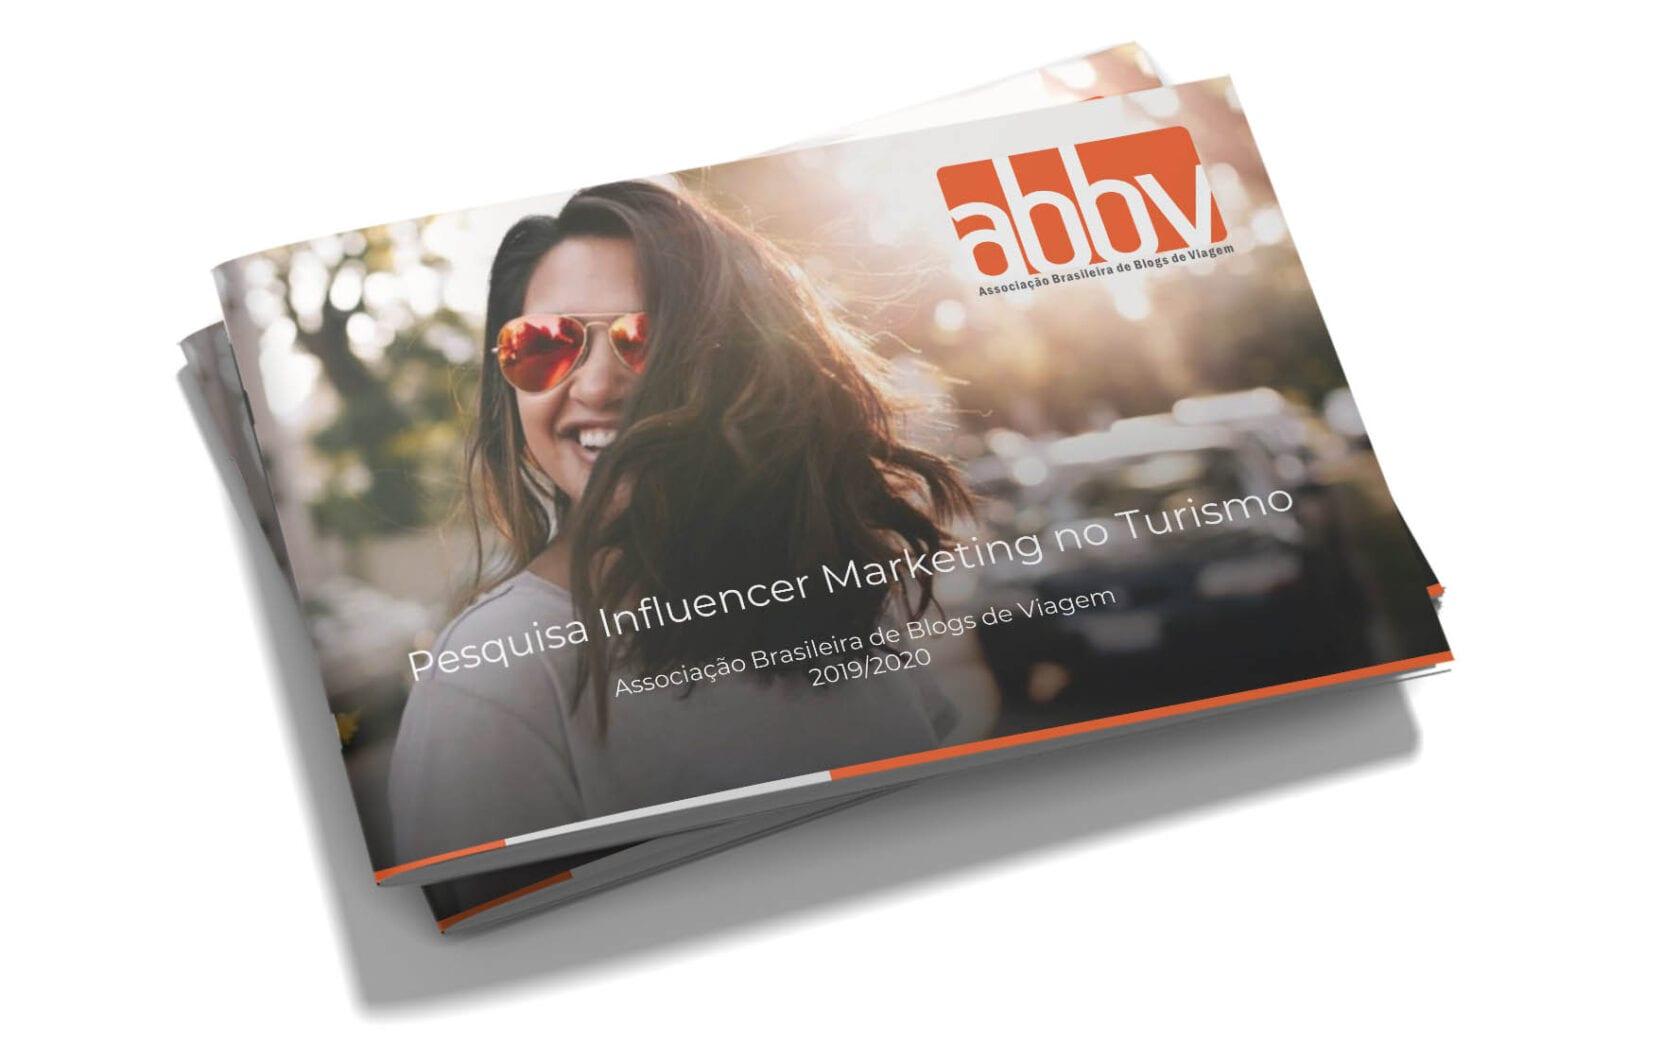 Pesquisa ABBV influencer marketing no Turismo